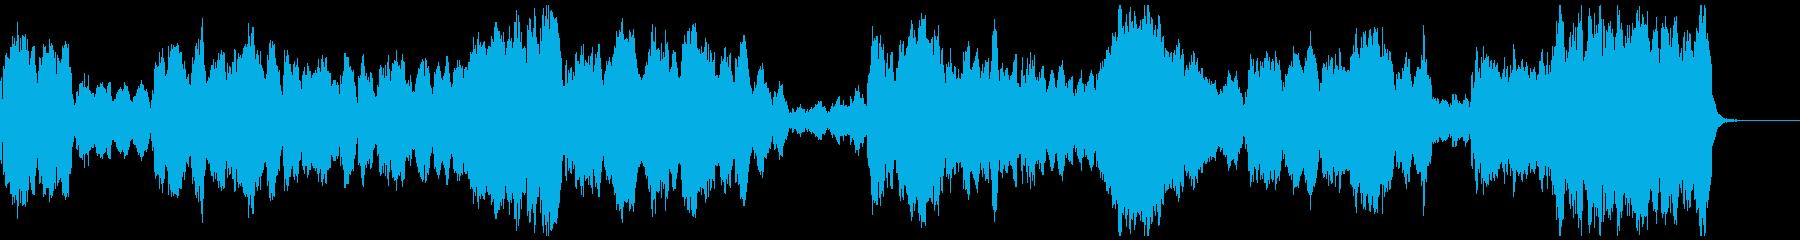 BWV1070/2『トルネオ』 の再生済みの波形